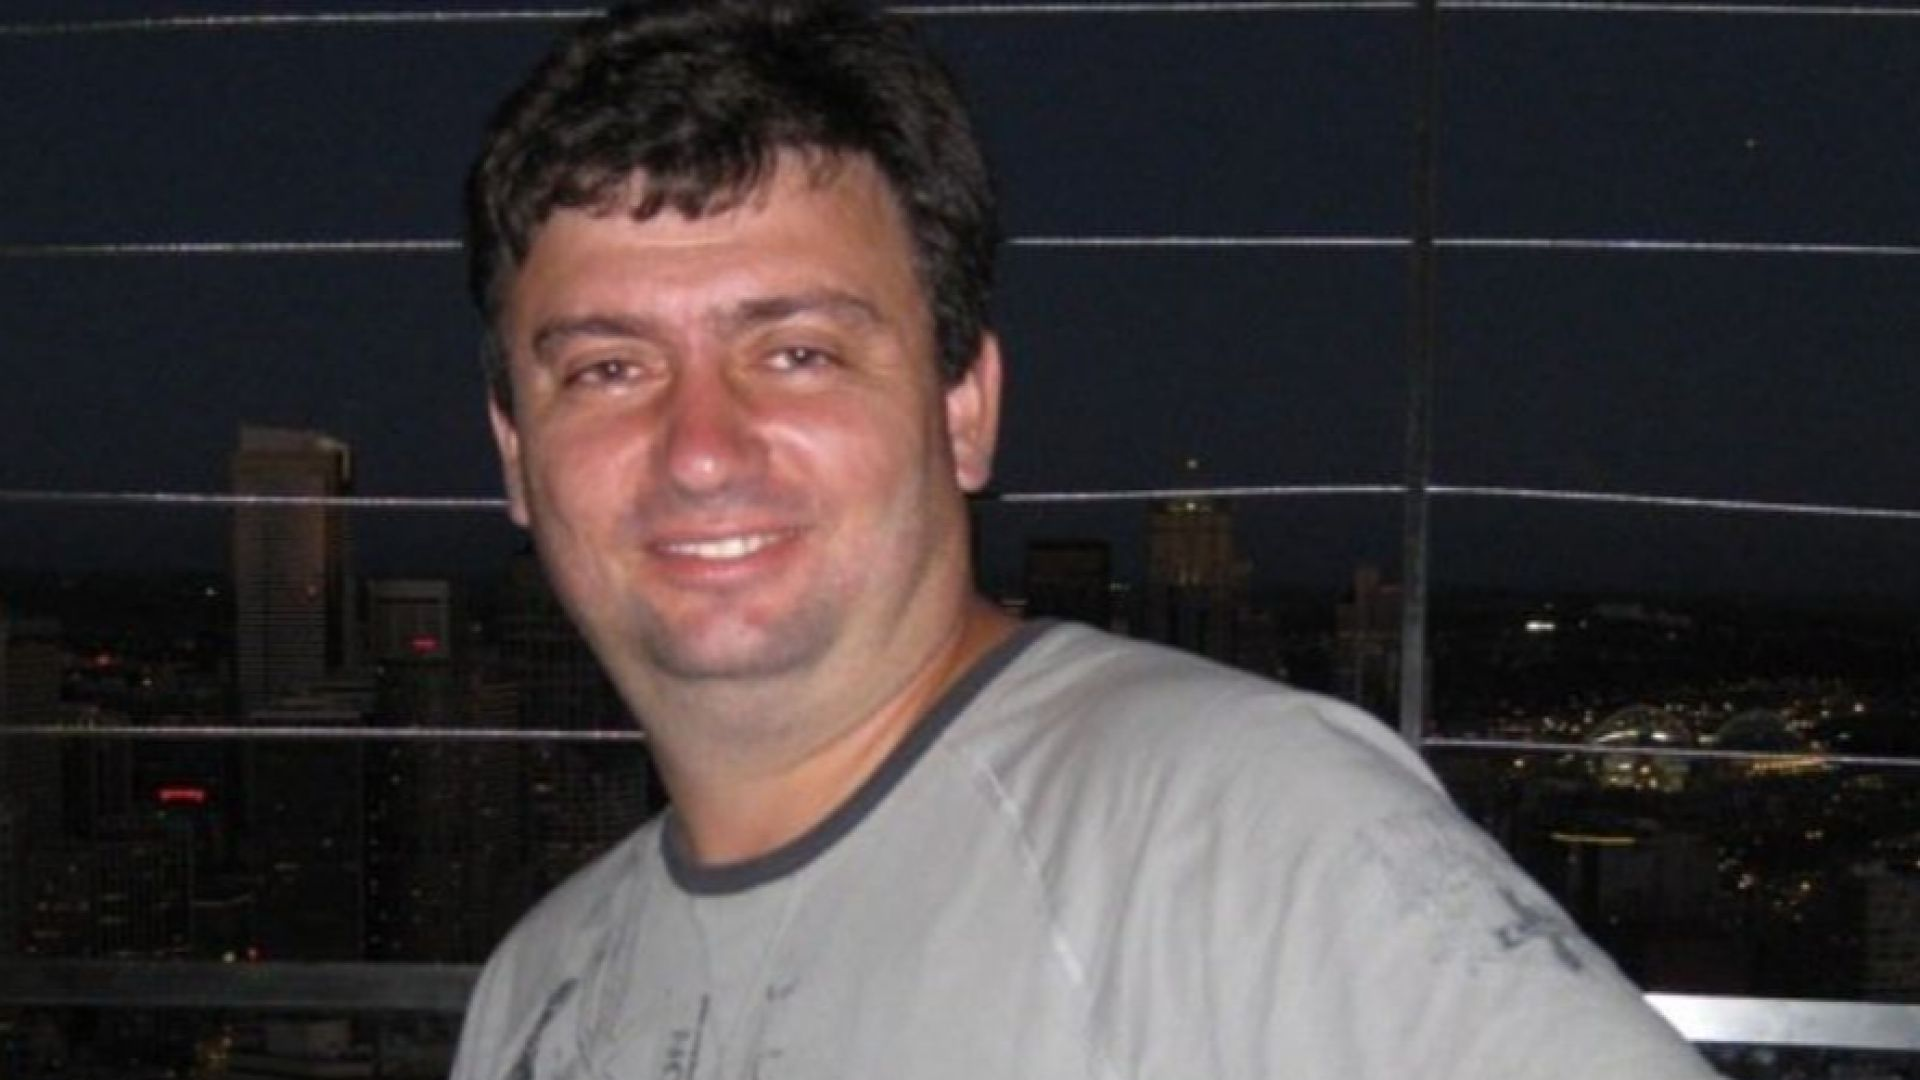 48-годишният Станимир Цанков е бил наръган няколко пъти с нож